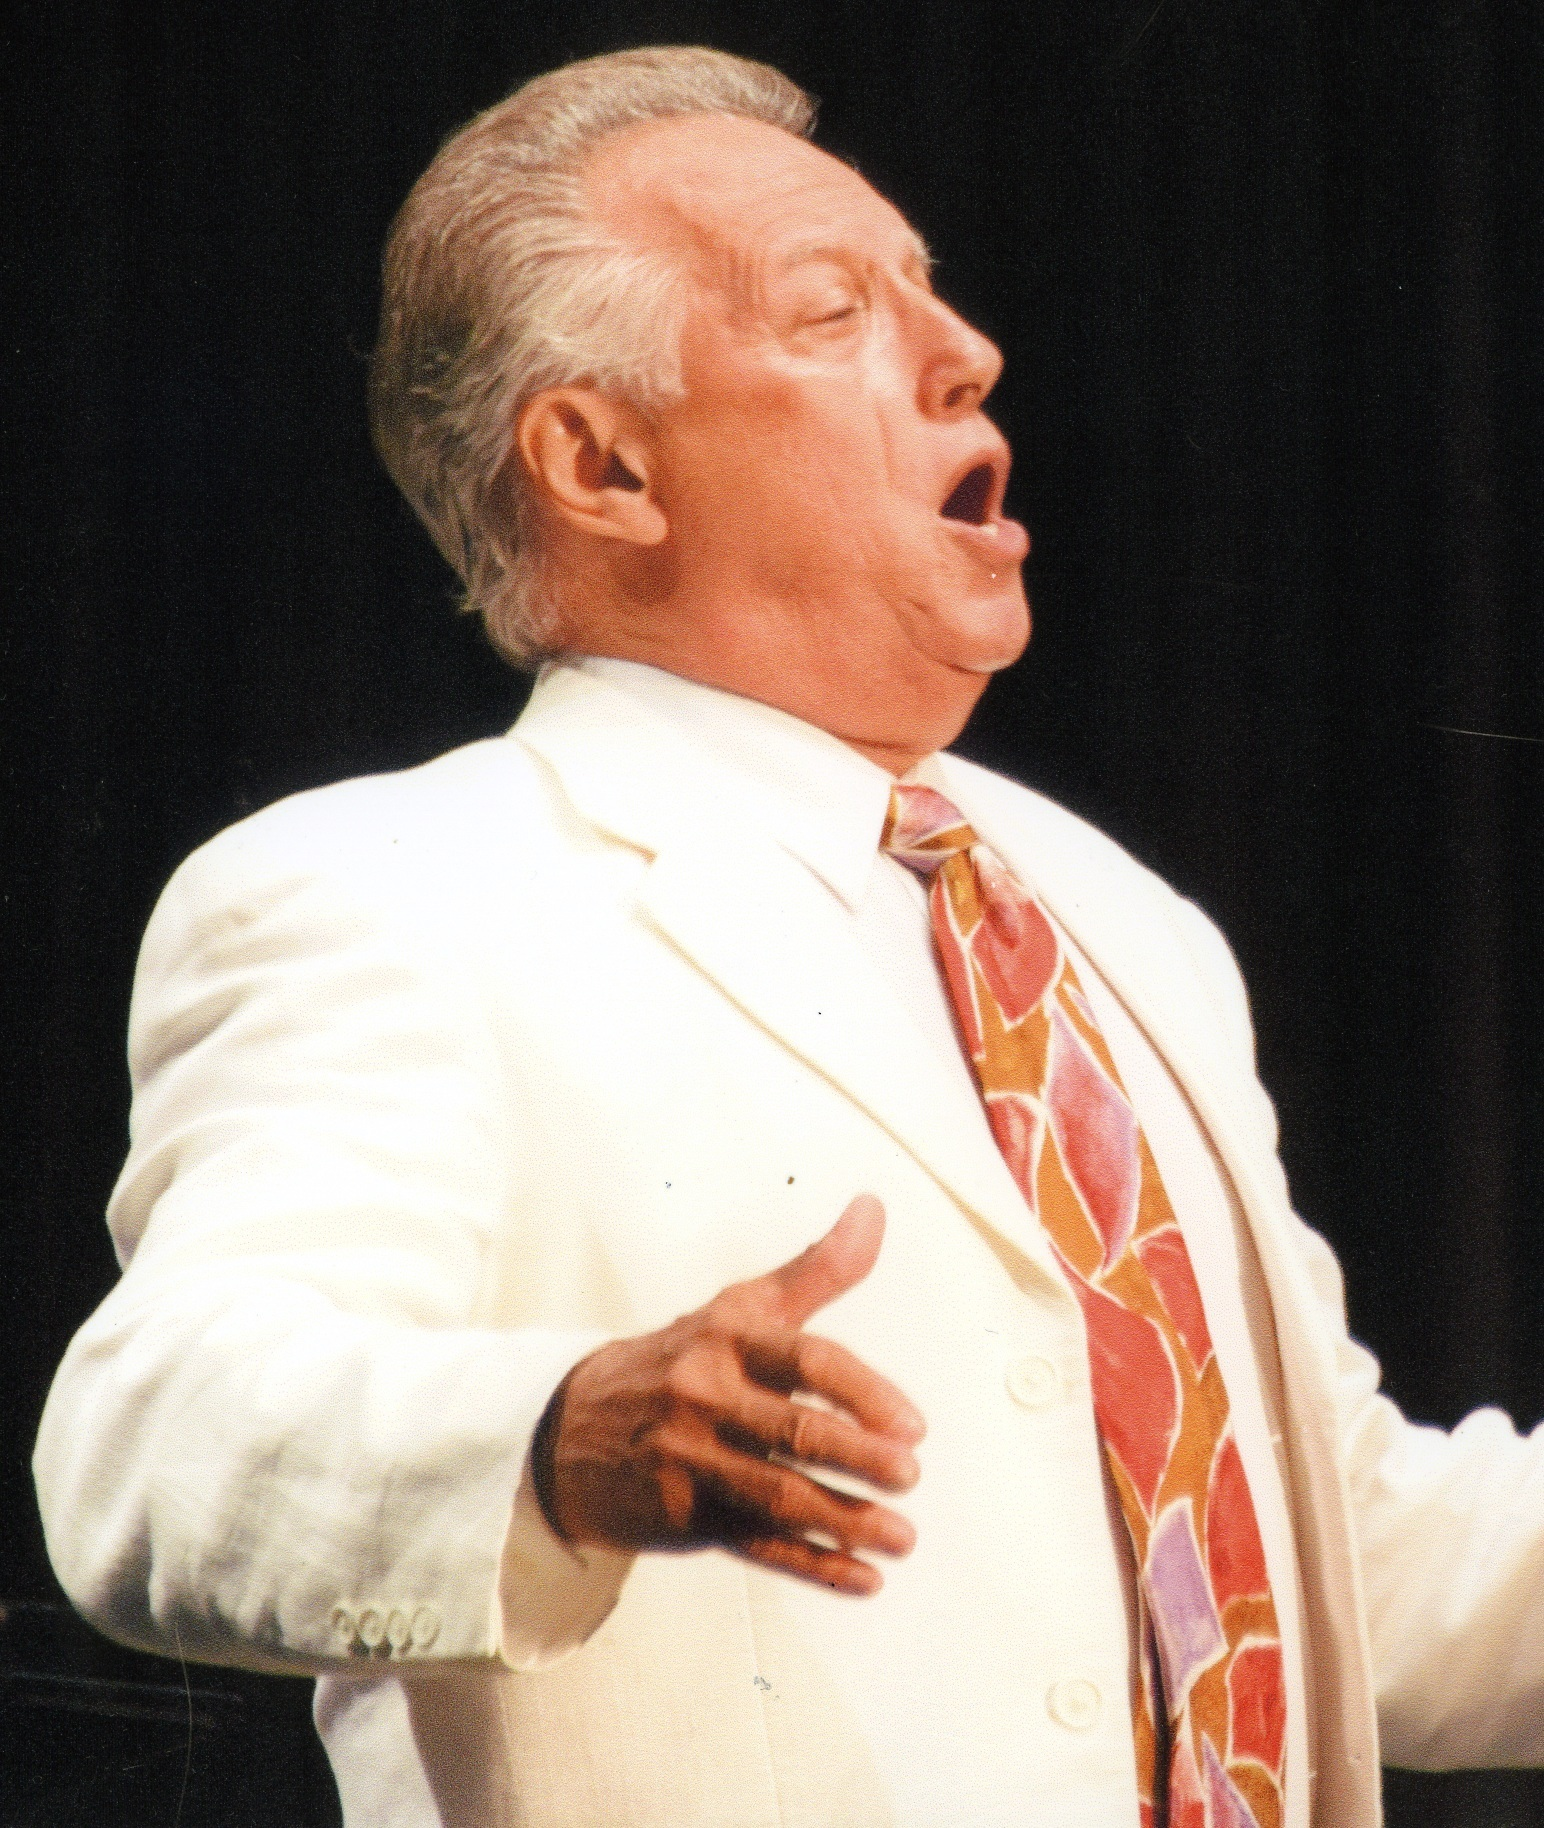 Ron Naldi, soloist